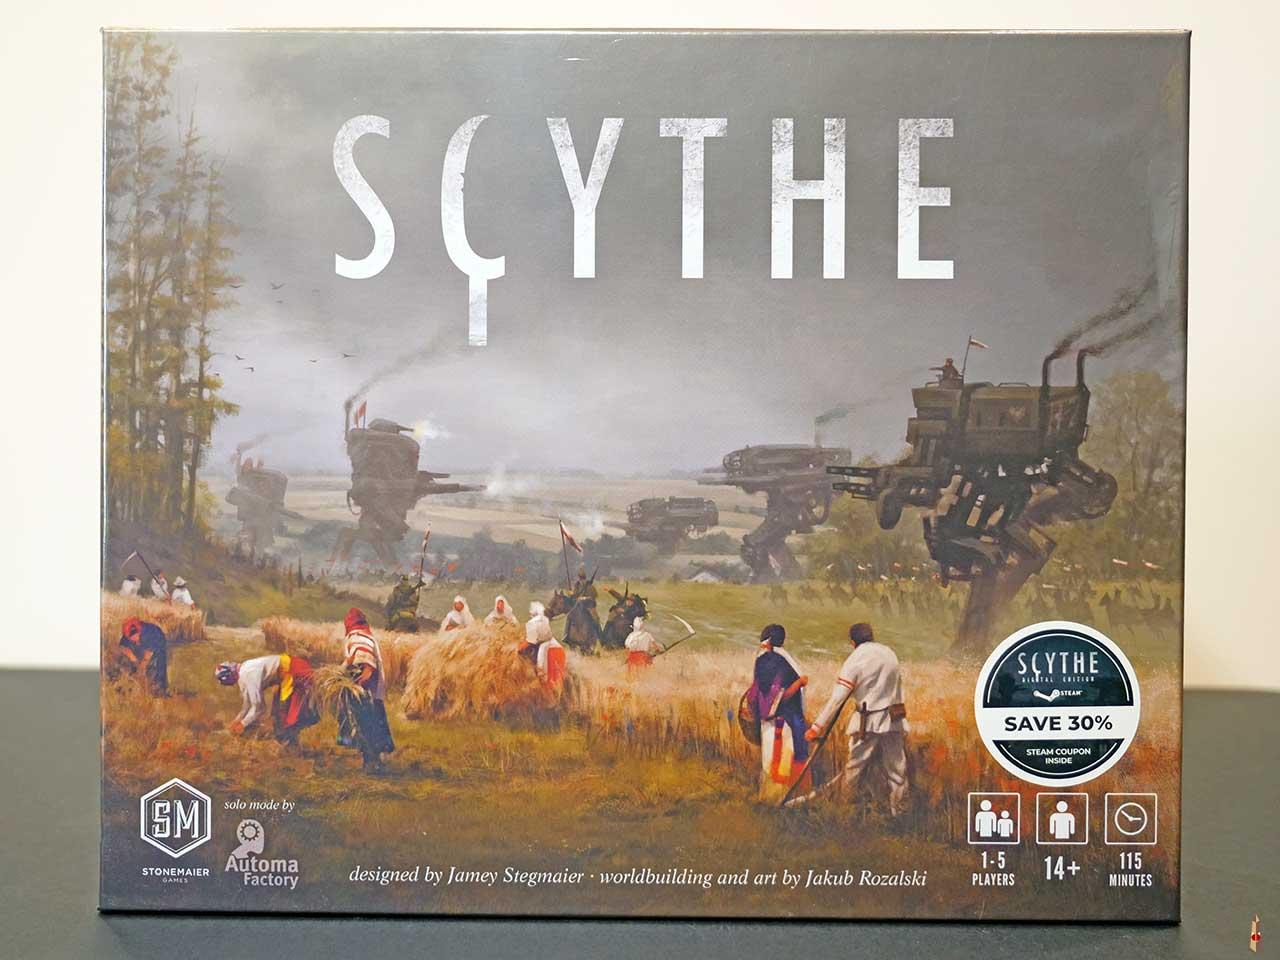 scythe-product